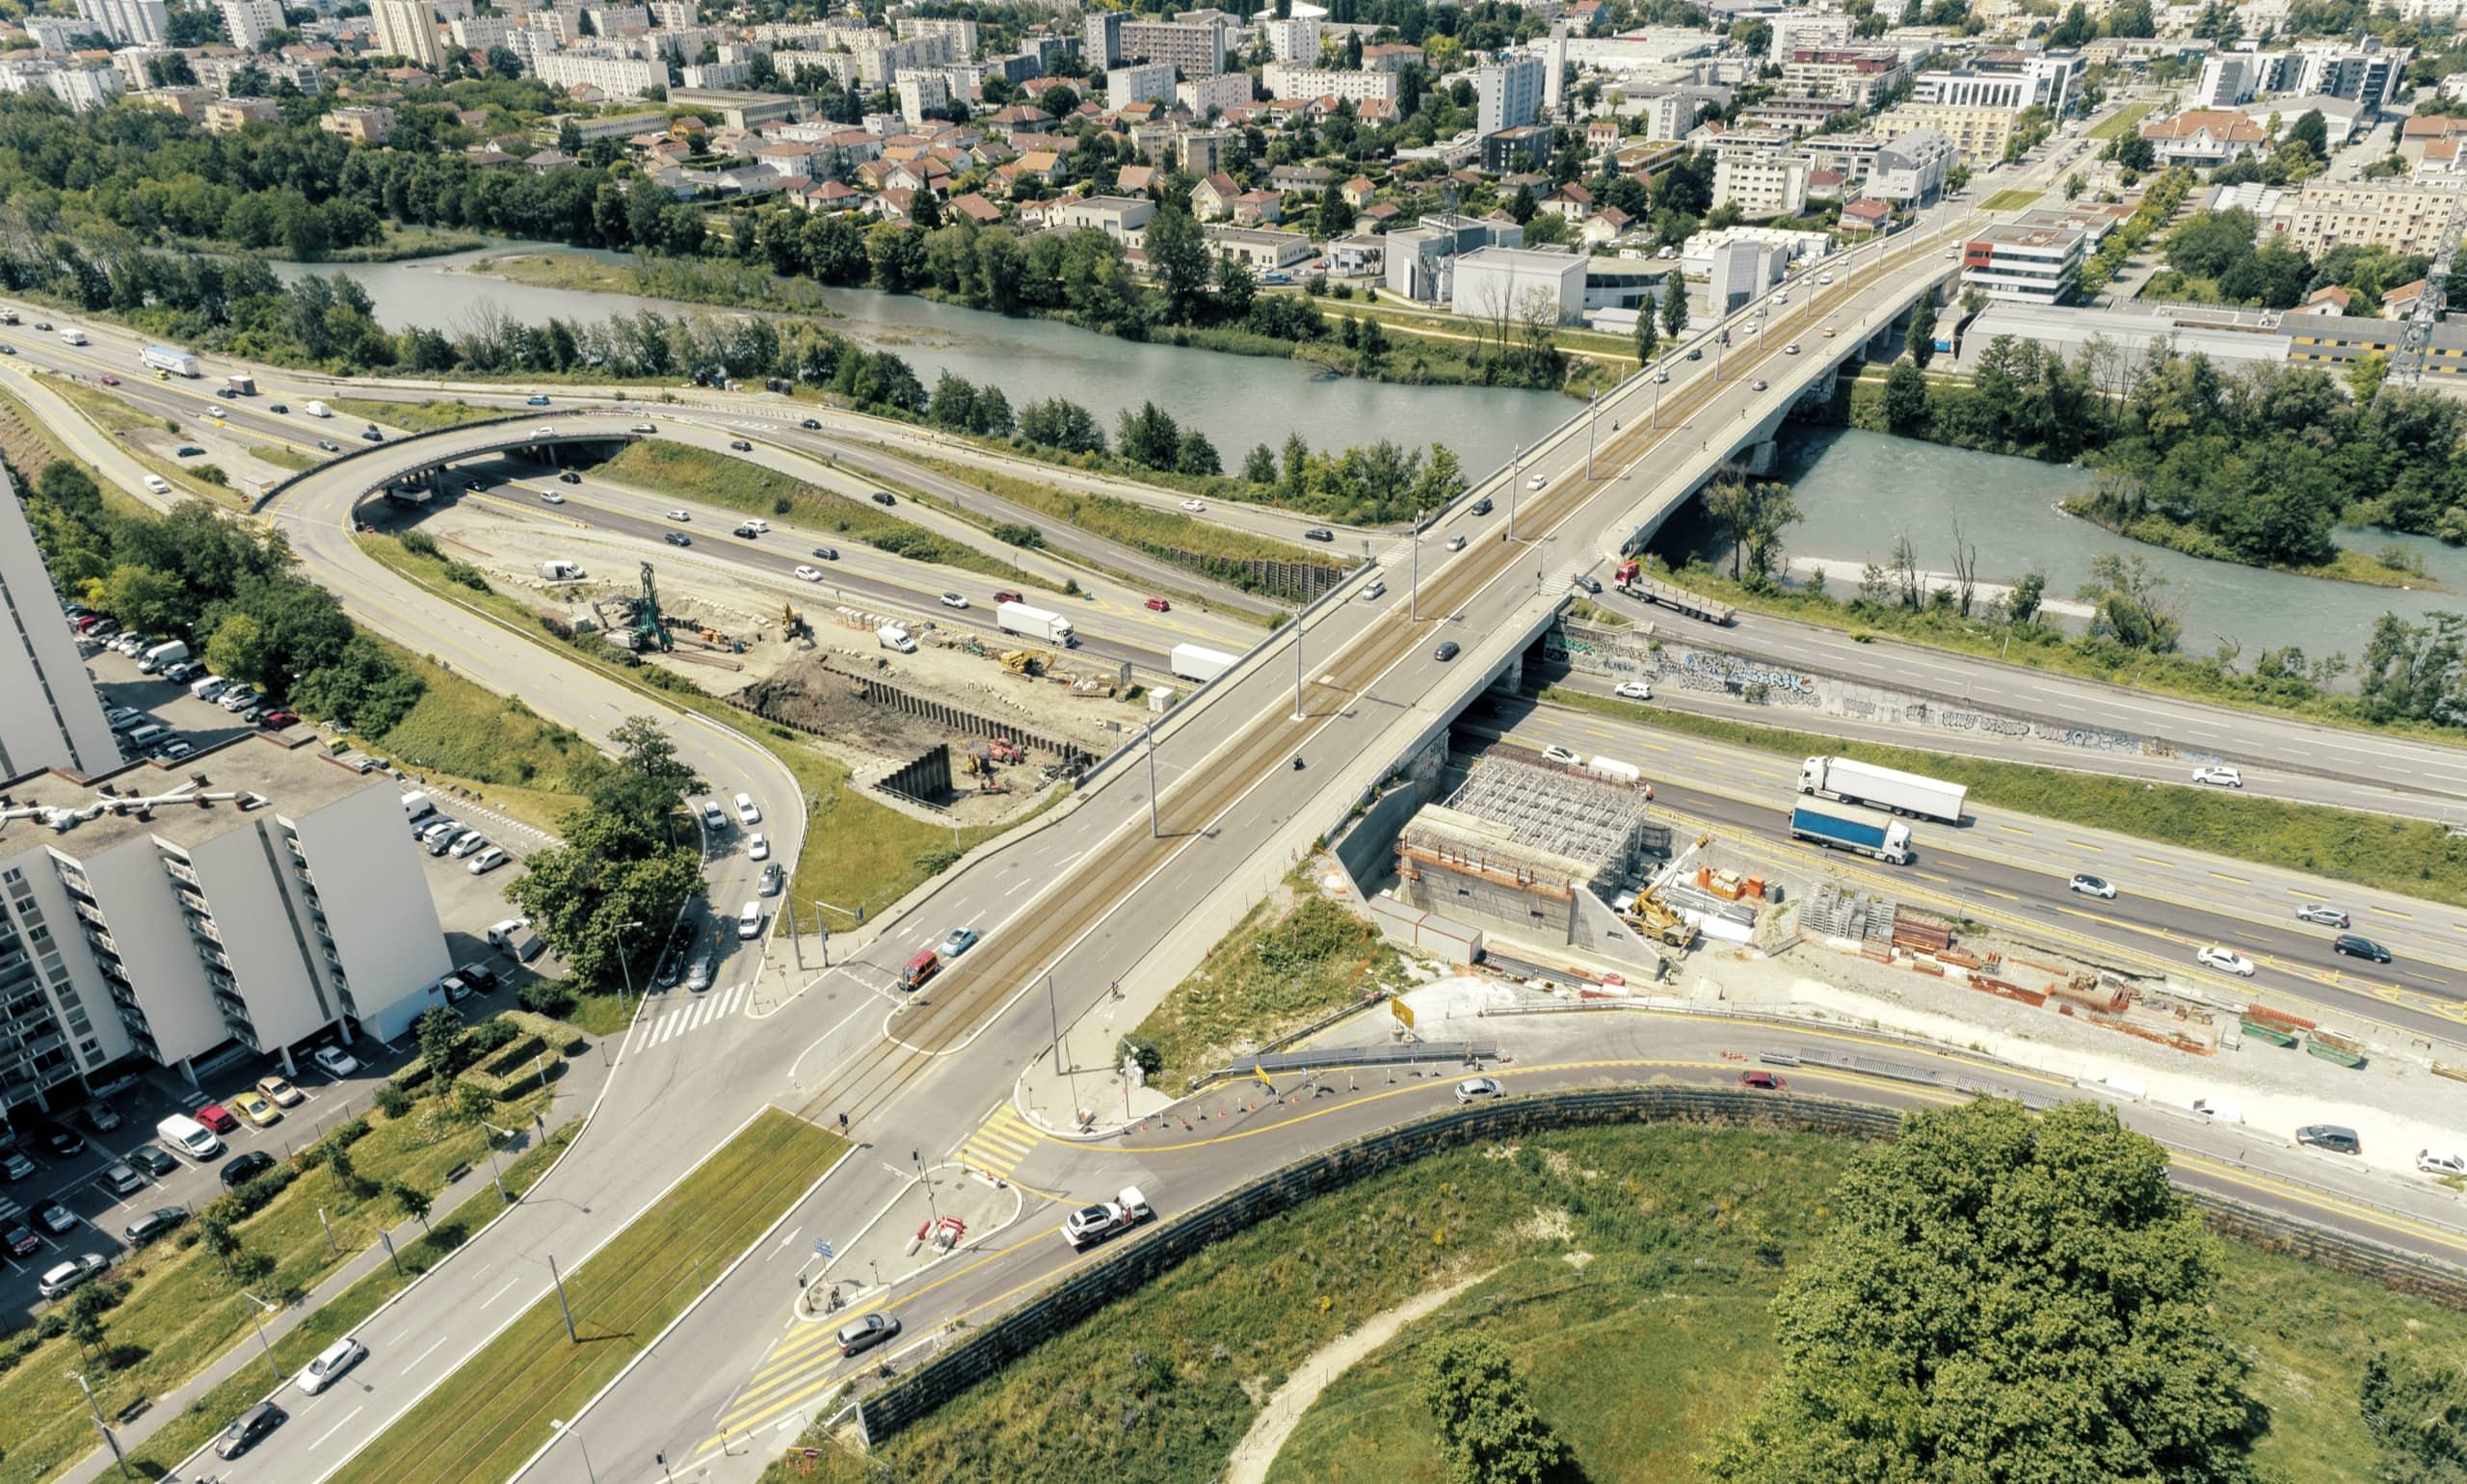 A480 Rondeau, pont de Catane de la ville de Grenoble vu du ciel